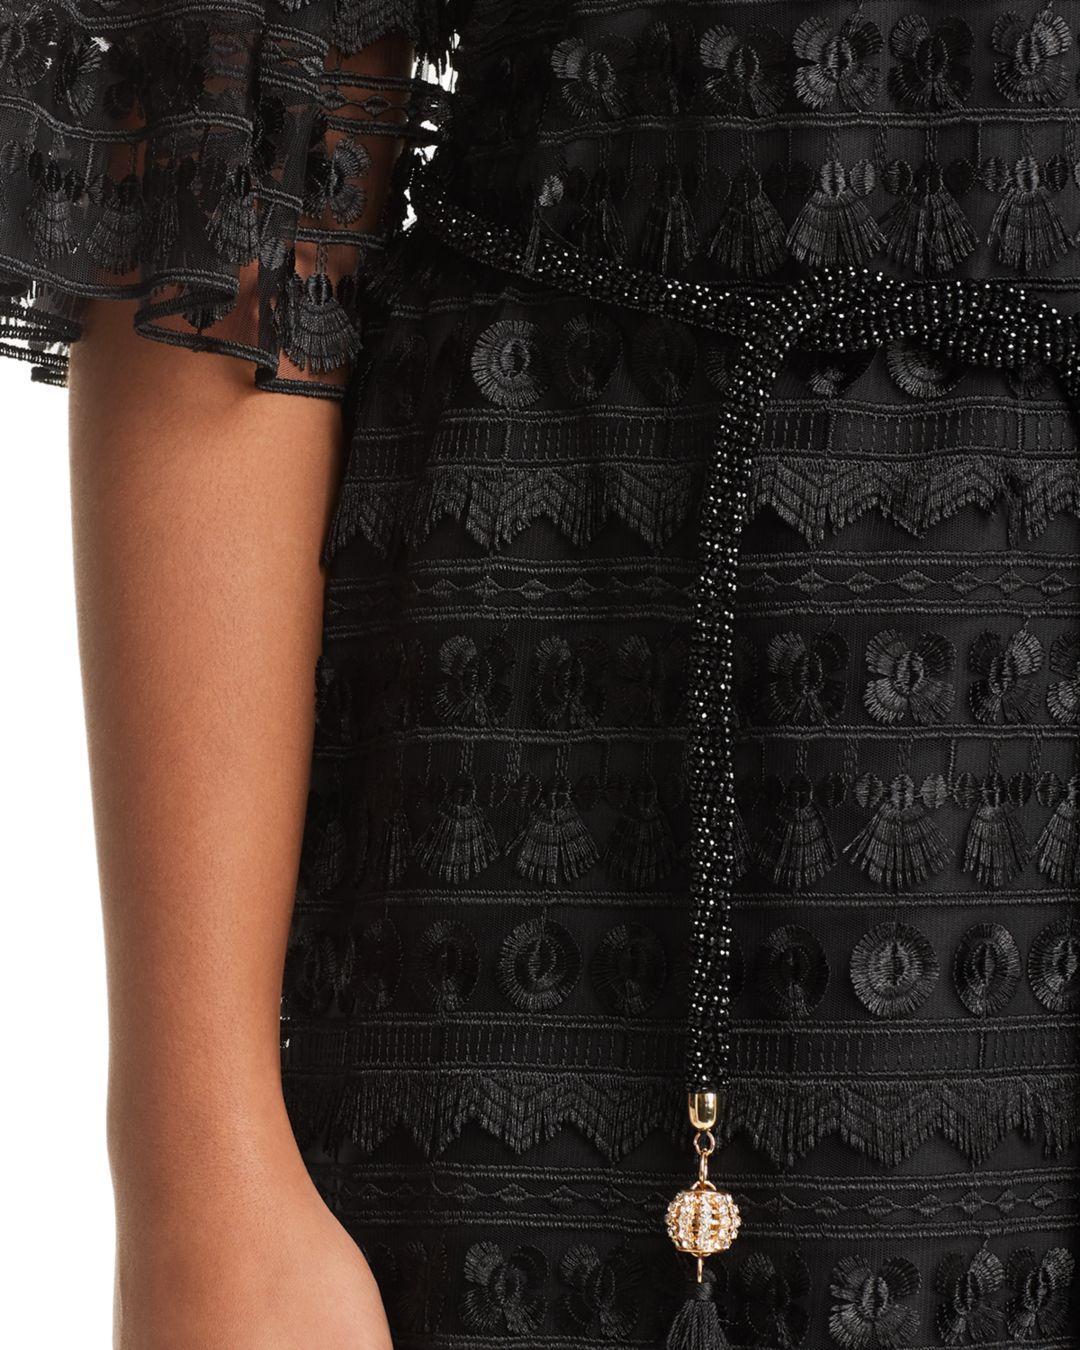 e22e655d11b Marina Rinaldi - Black Diaspro Tulle Shift Dress - Lyst. View fullscreen